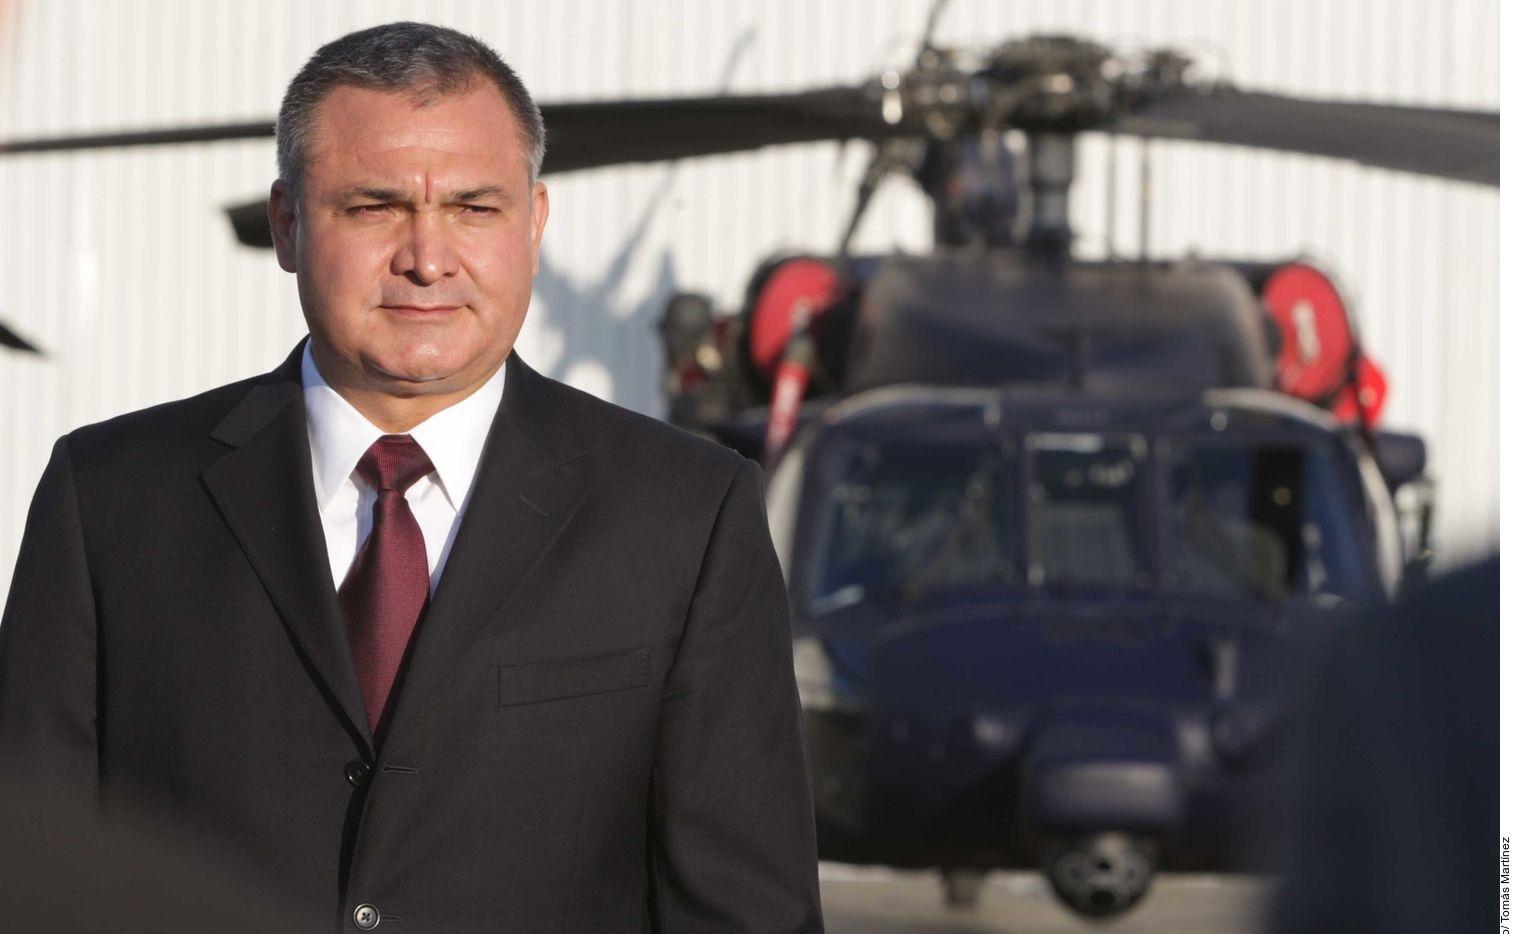 El exsecretario de Seguridad Pública de México, Genaro García Luna, se declara inocente de nuevos cargos de tráfico de drogas.